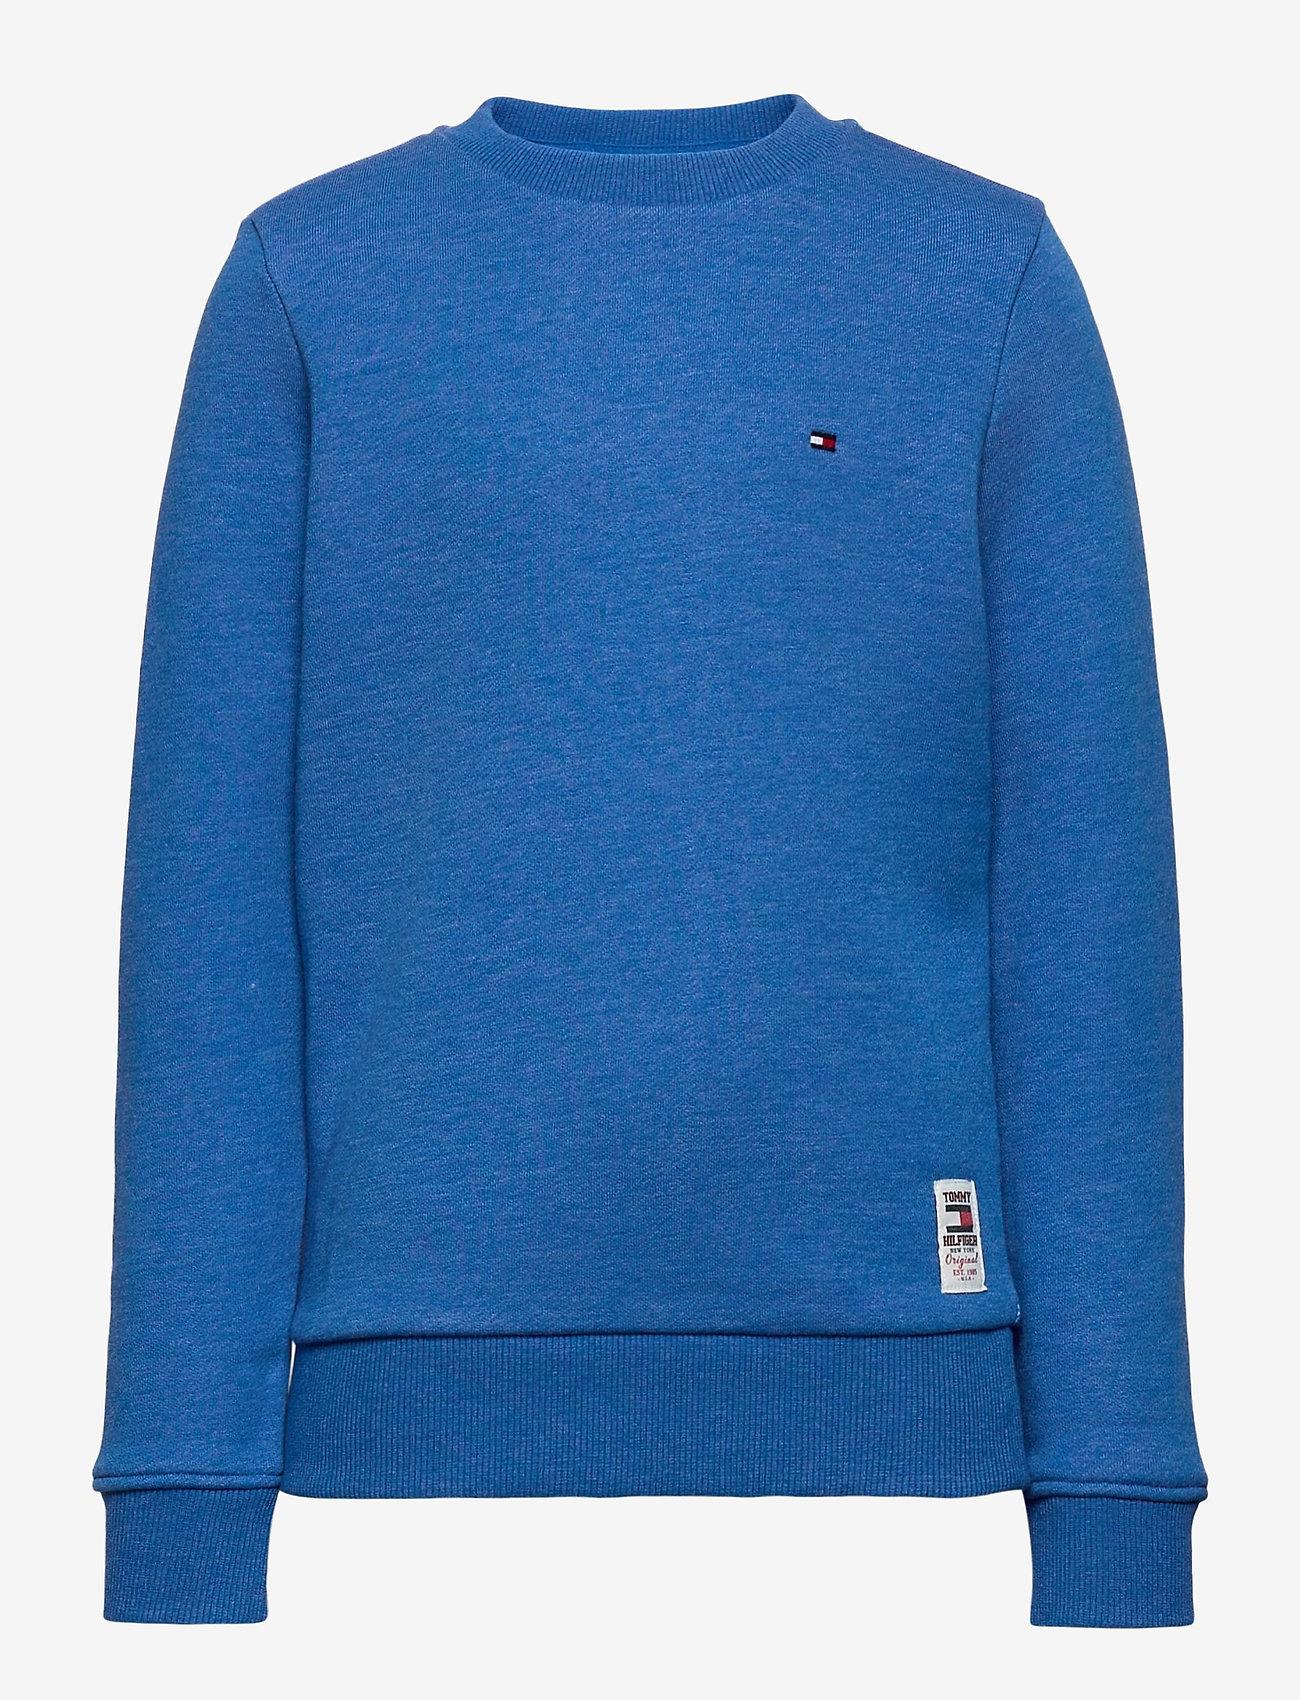 Tommy Hilfiger - BACK INSERT CN SWEATSHIRT - sweatshirts - dynamic blue - 0